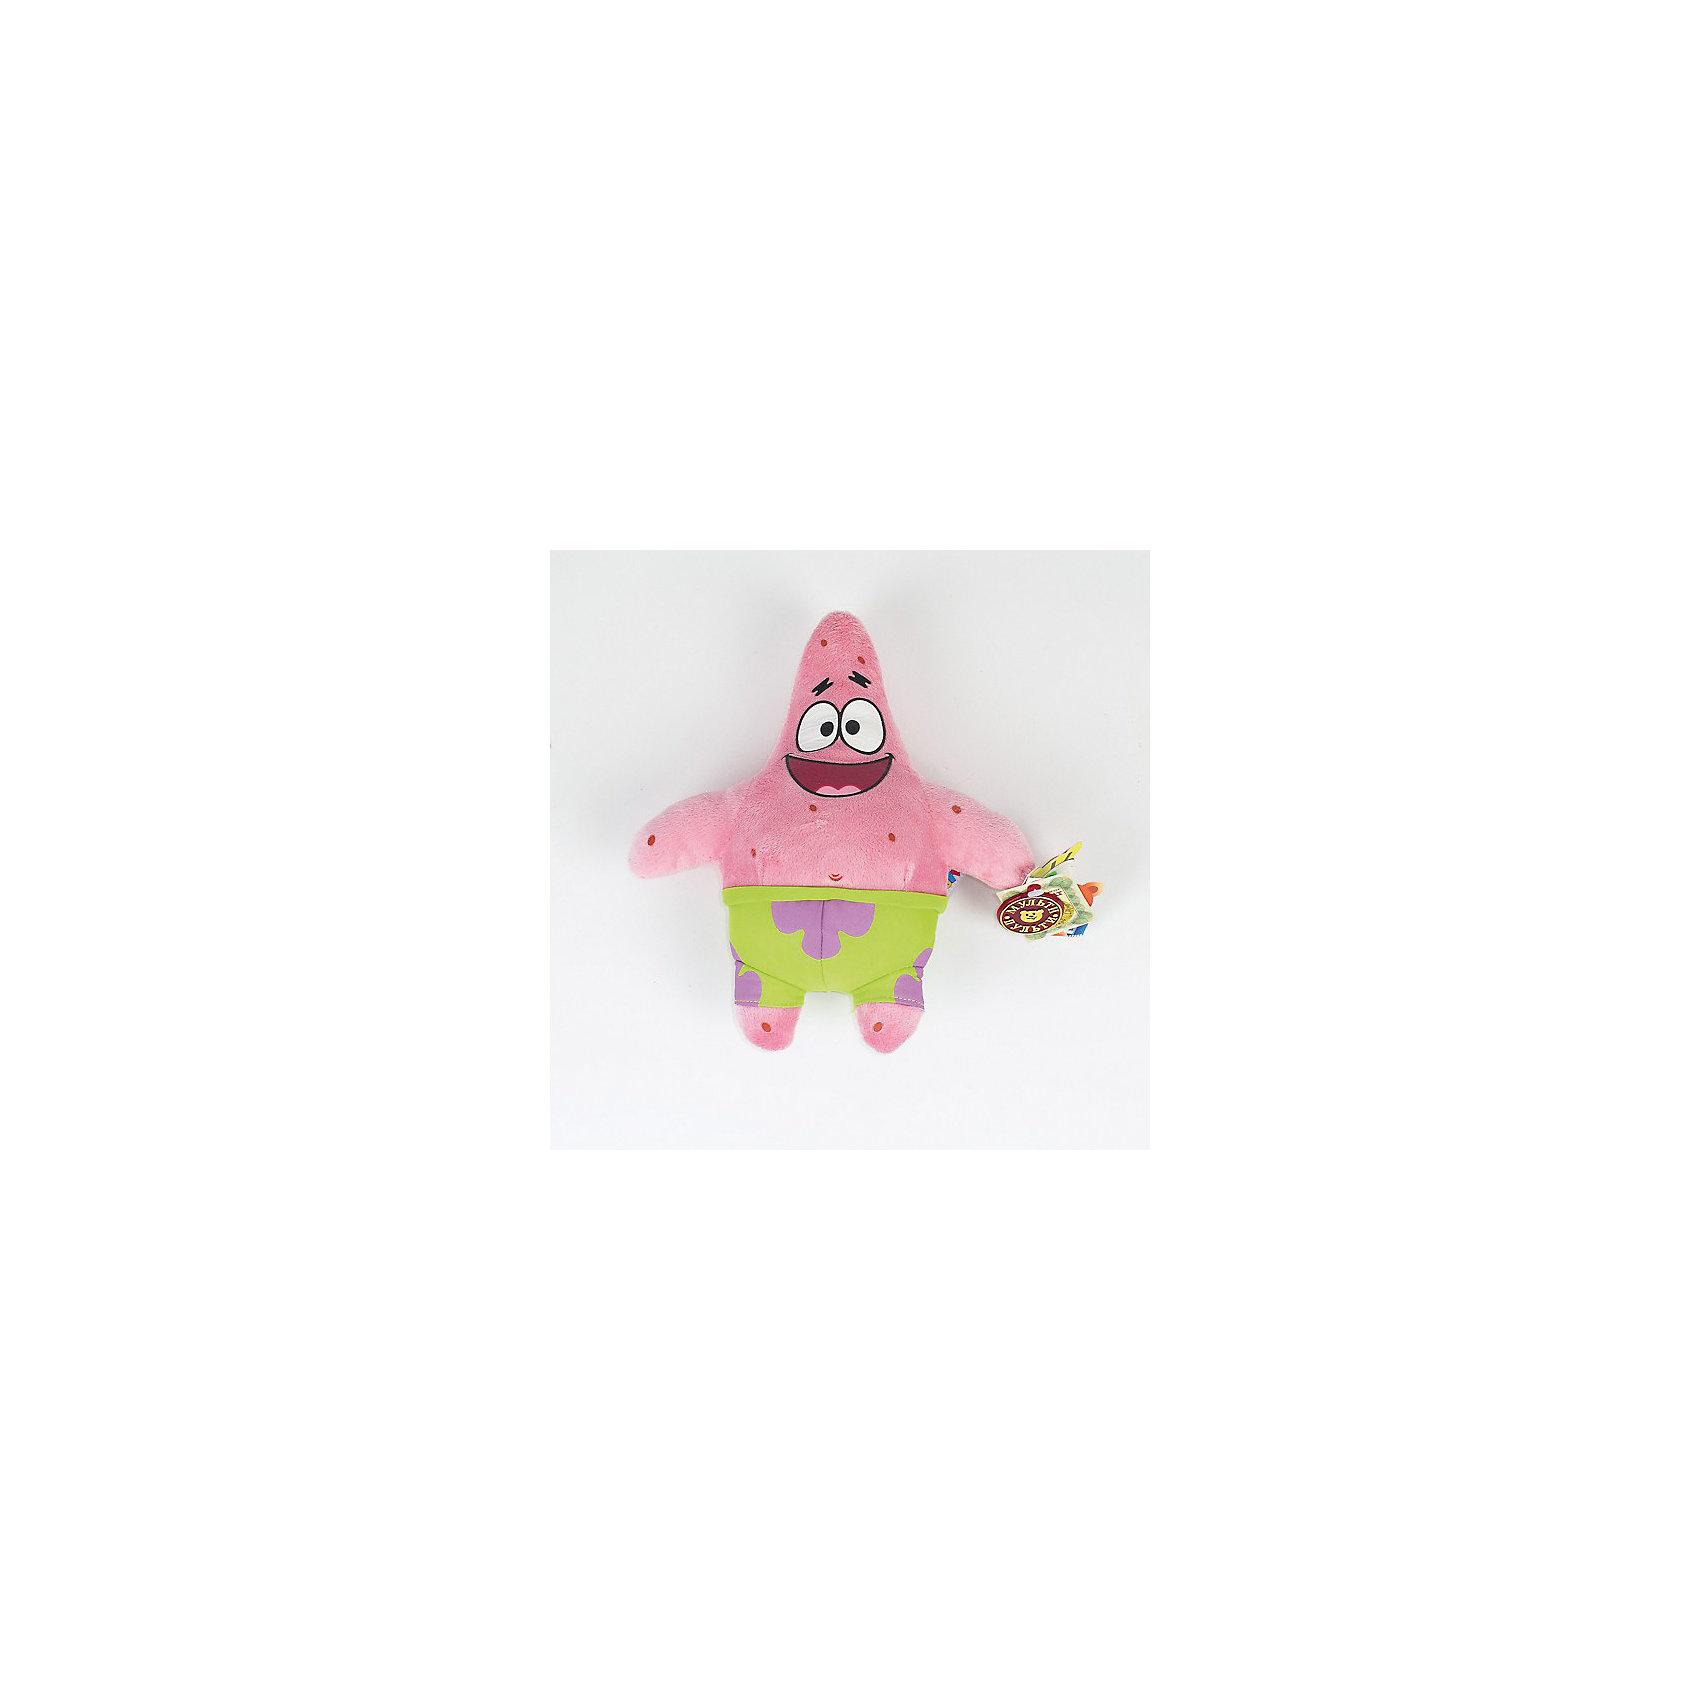 Мягкая игрушка Патрик, со звуком, 24 см,